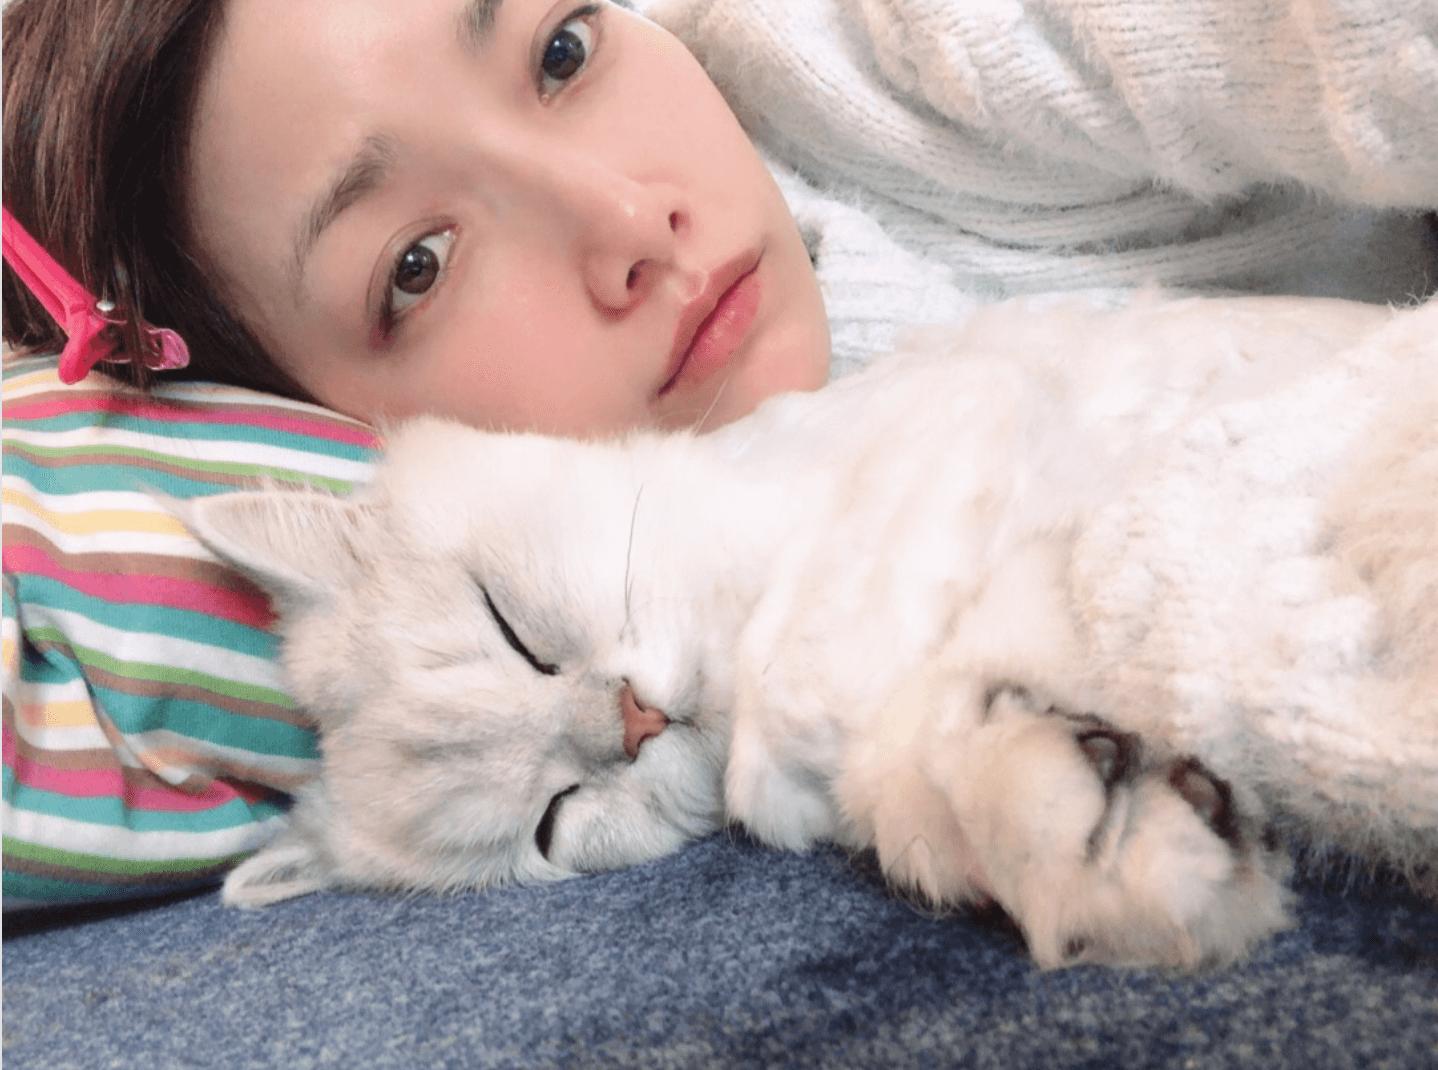 """後藤真希、愛猫との""""添い寝""""リラックスSHOT公開「ふと見たらこんな顔して…」サムネイル画像"""